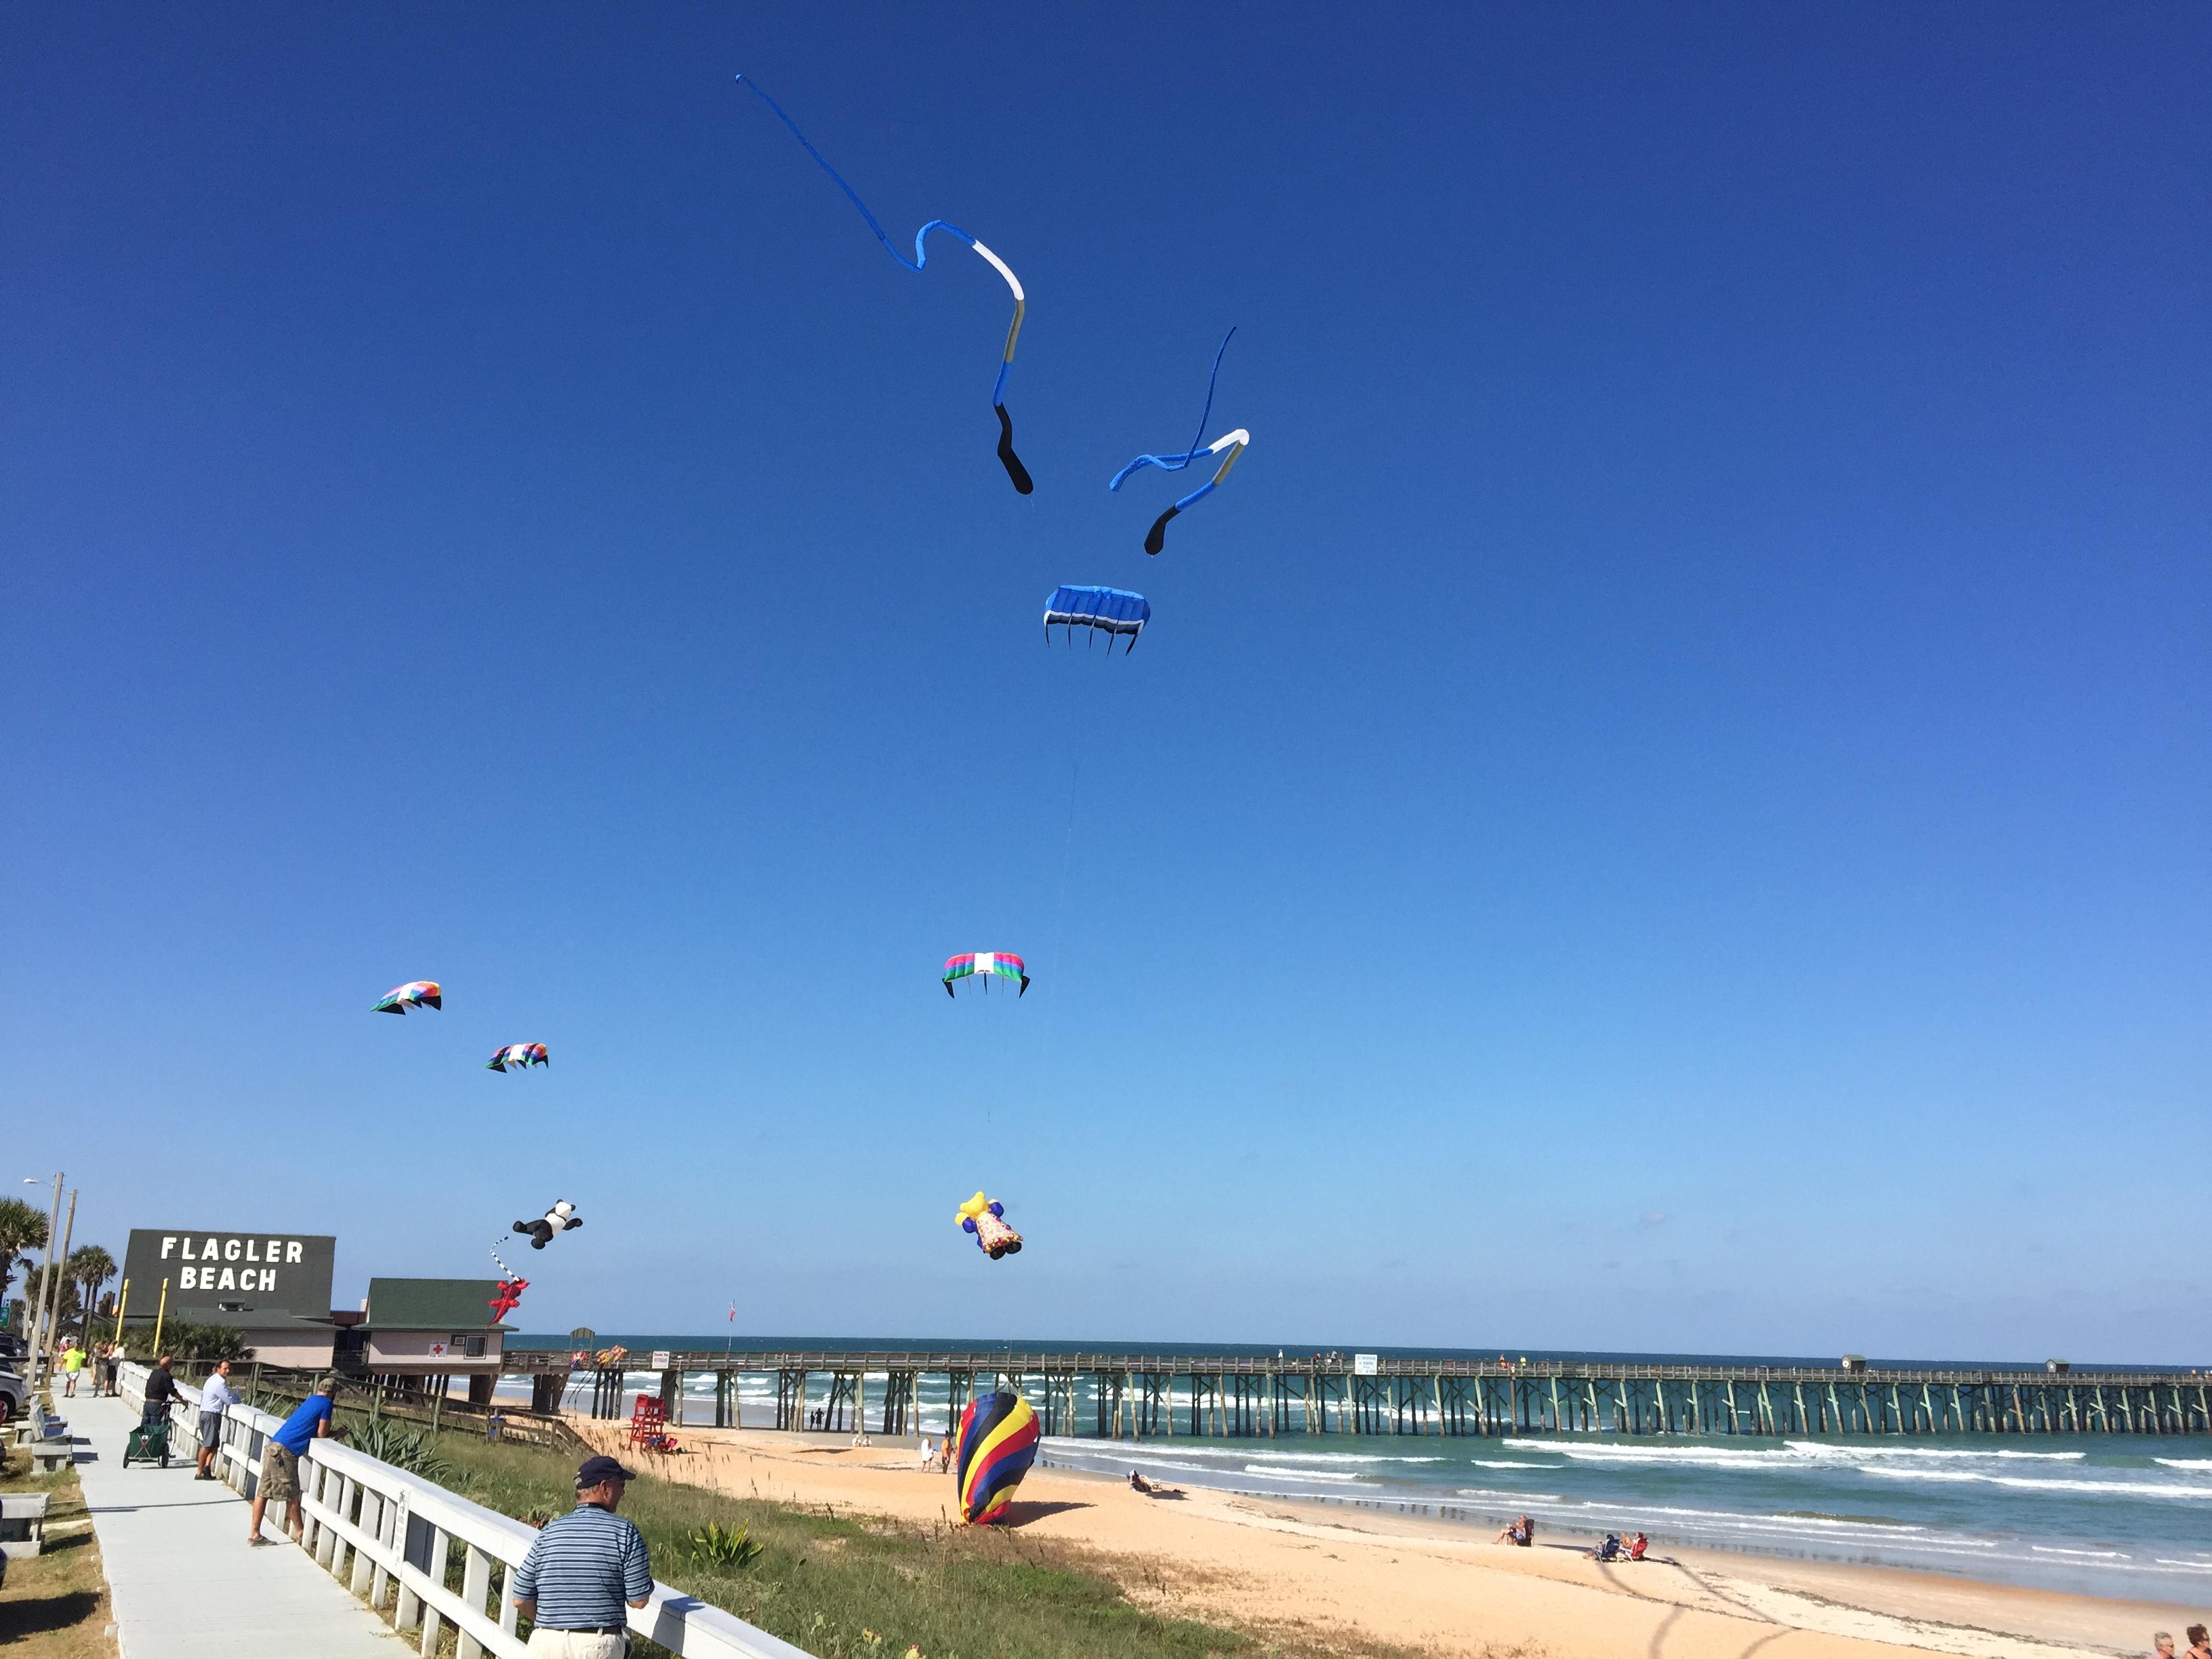 Flagler Beach Kites